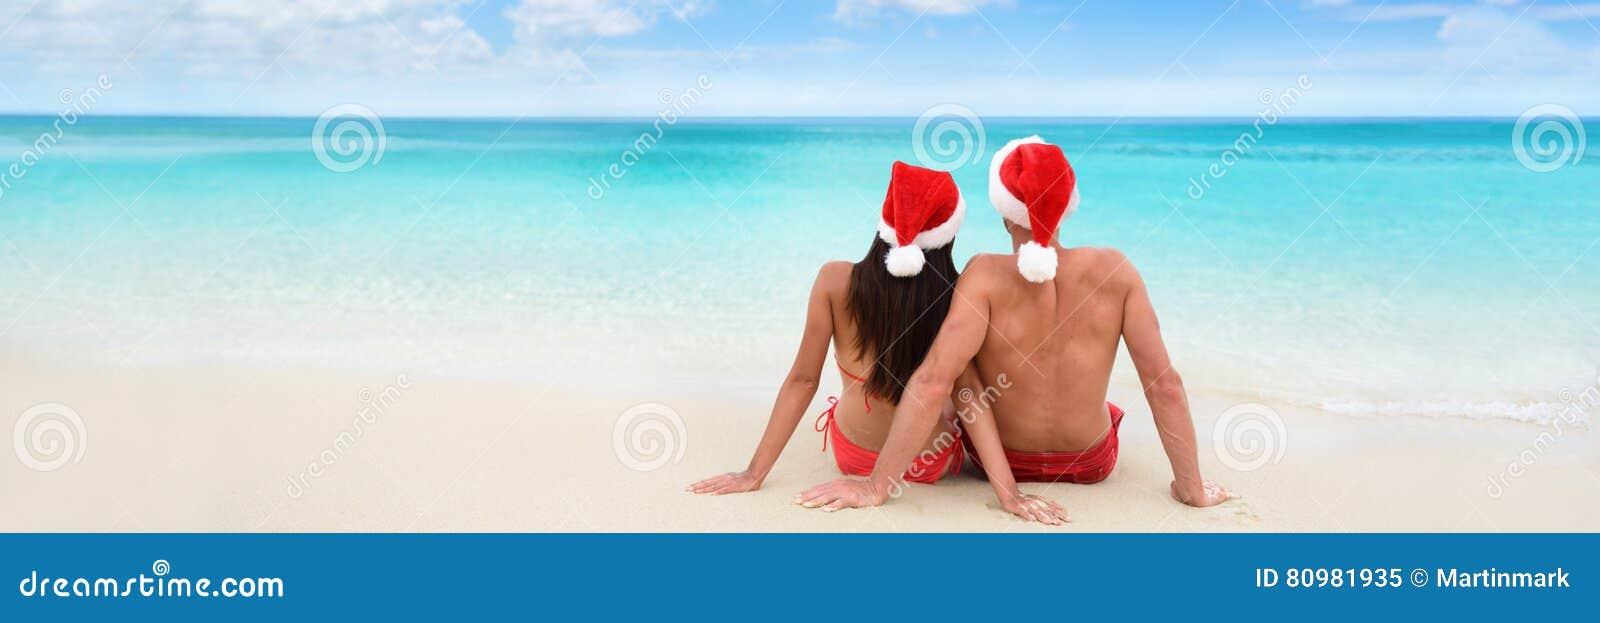 Bandera de los pares de los días de fiesta de las vacaciones de la playa de la Navidad